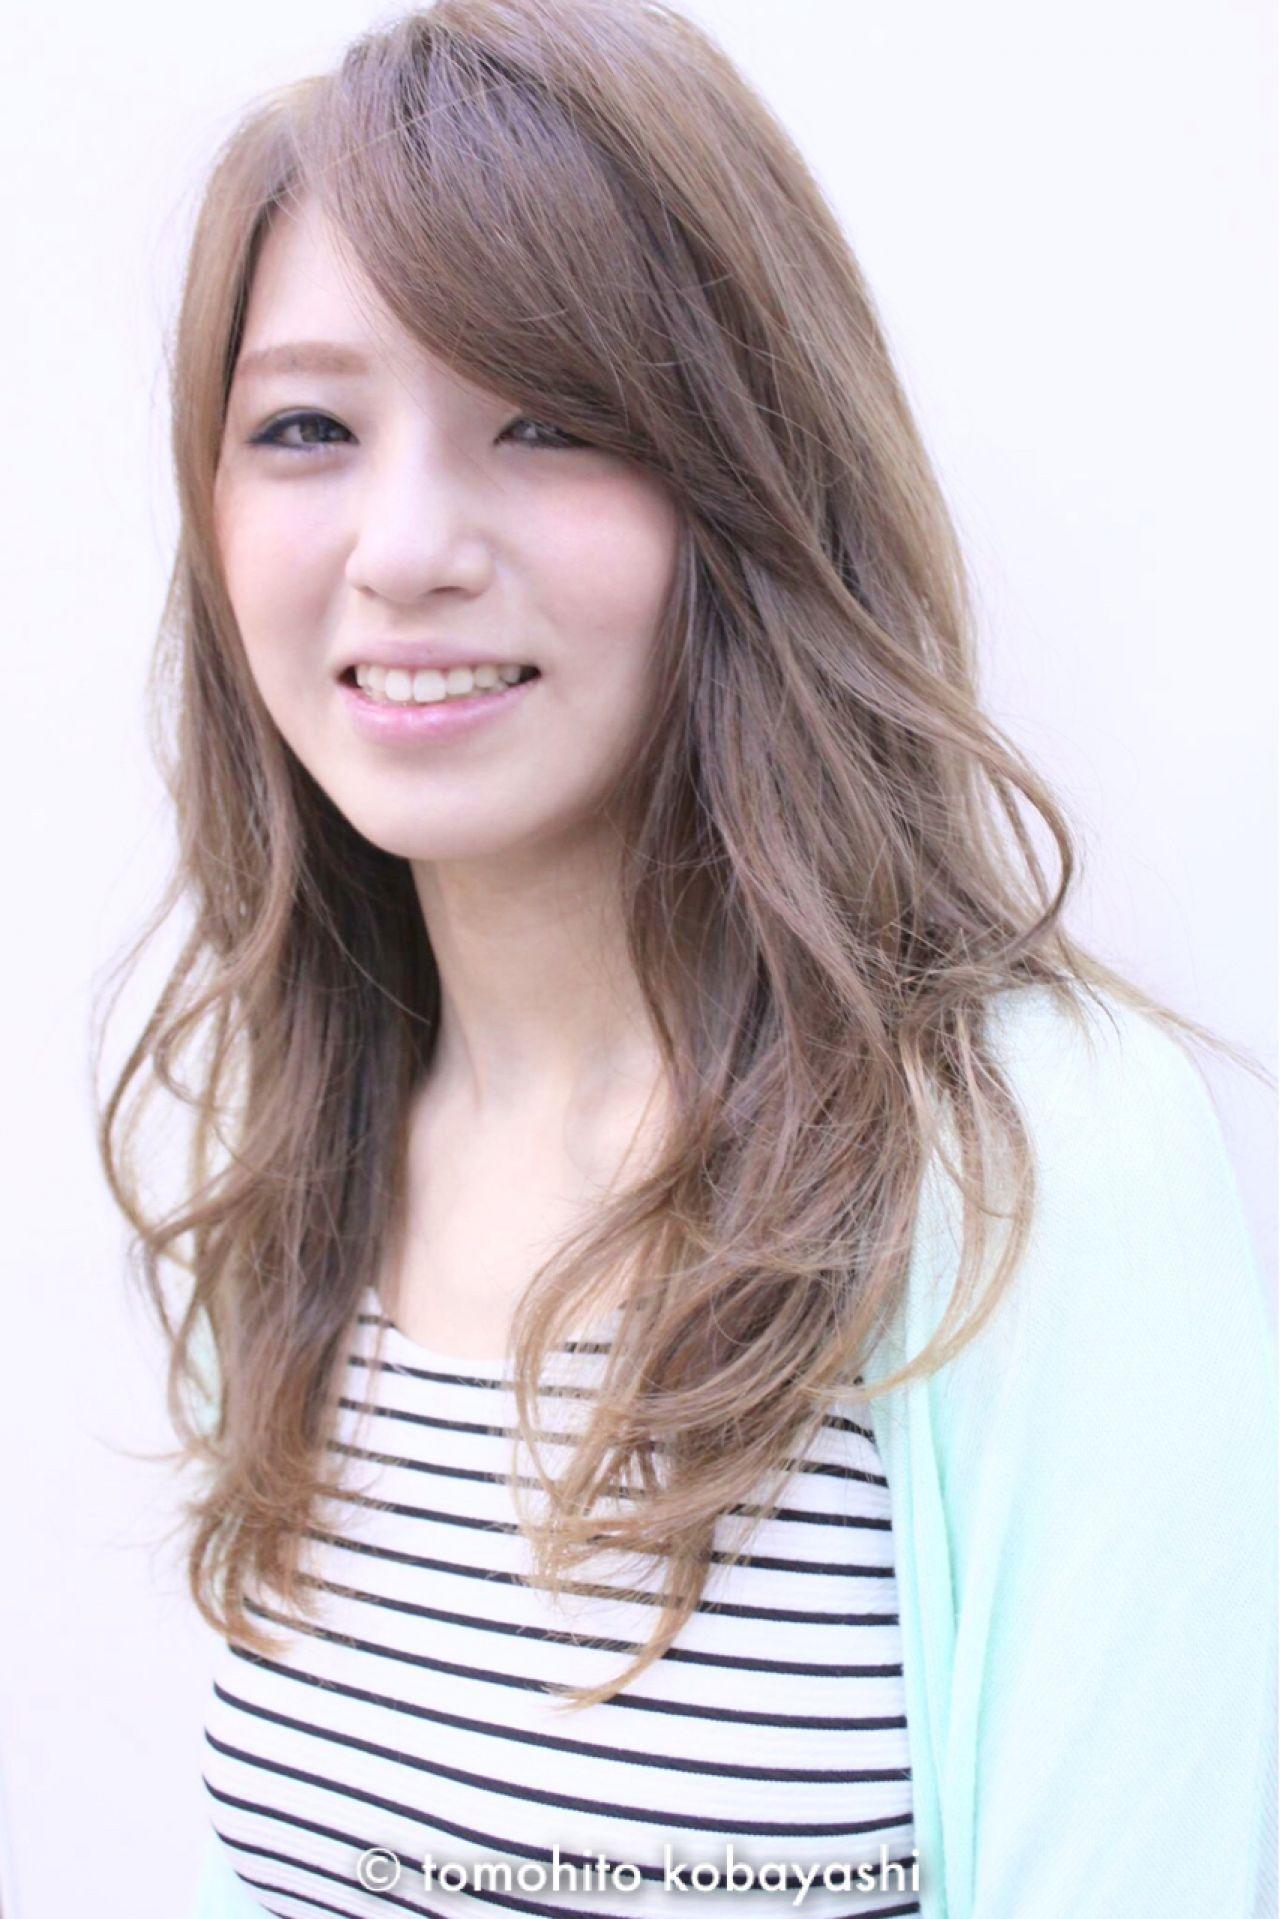 ナチュラル グラデーションカラー 外国人風 ロング ヘアスタイルや髪型の写真・画像 | tomohito kobayashi / 6月に独立します